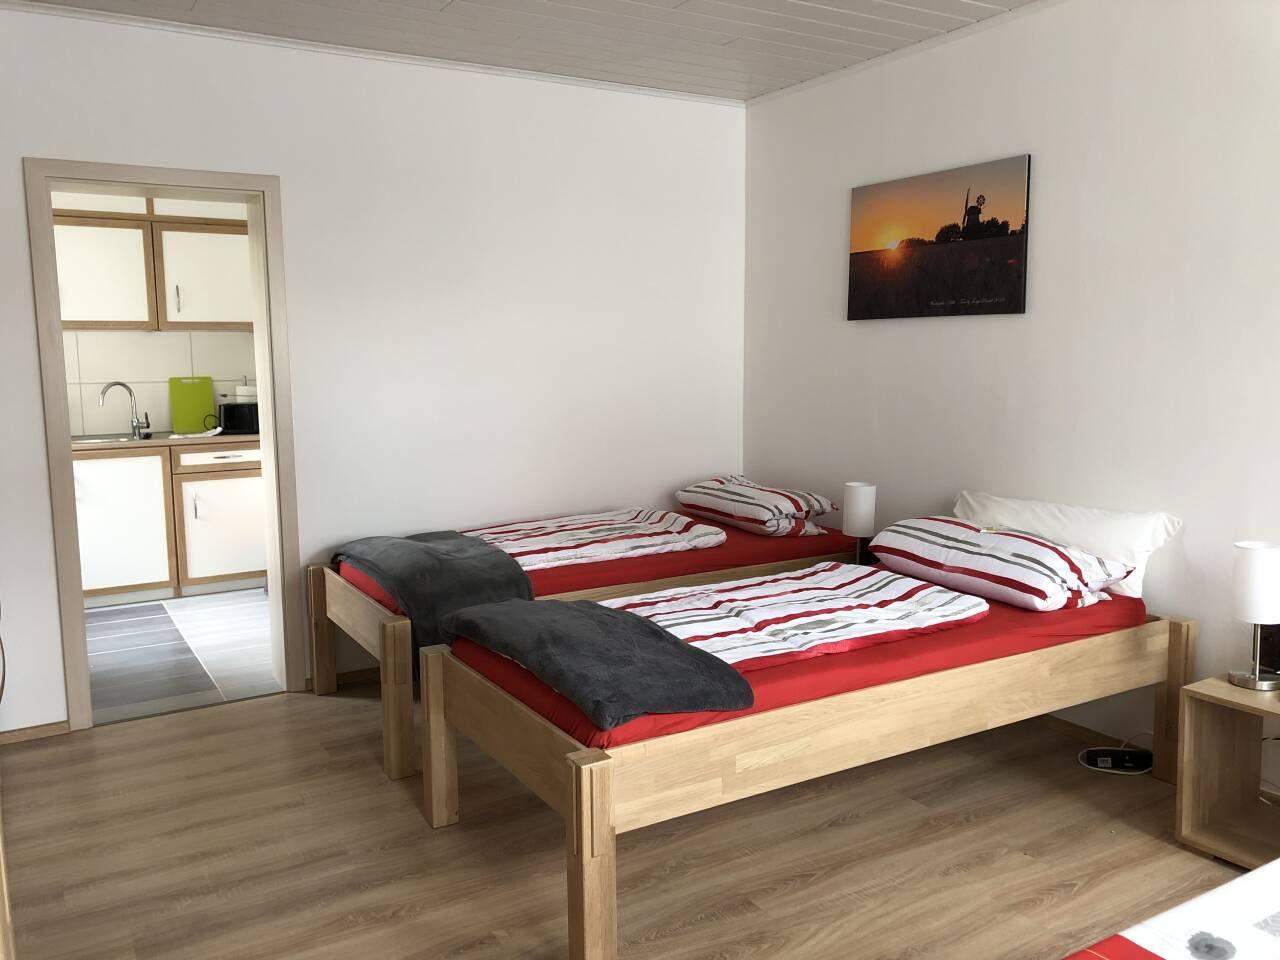 Monteur und Ferienwohnung Schlafen wie Zuhause im Zentrum von der Stadt Rahden Nordrhein Westfalen